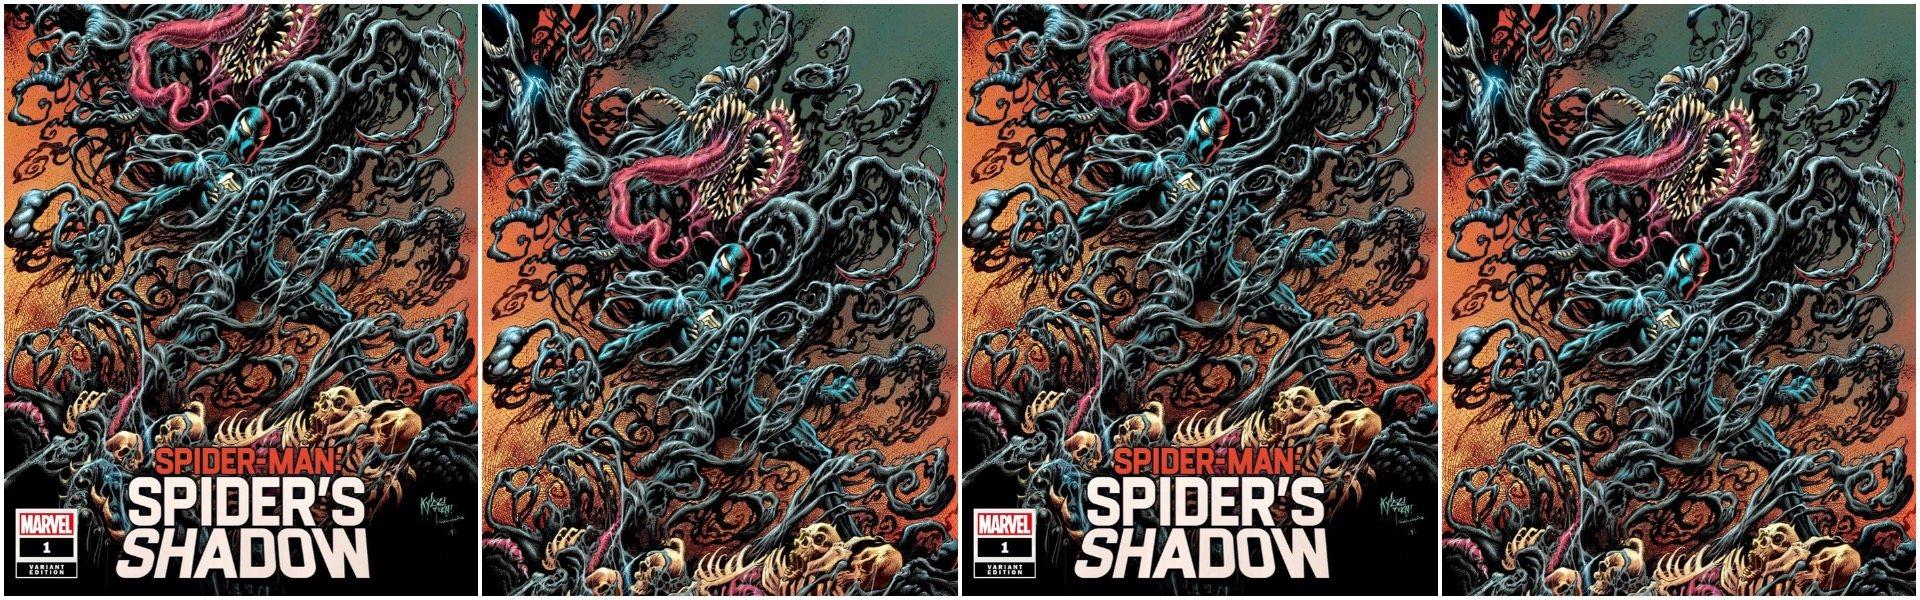 Spider-Man Spider's Shadow #1 Kyle Hotz Variants